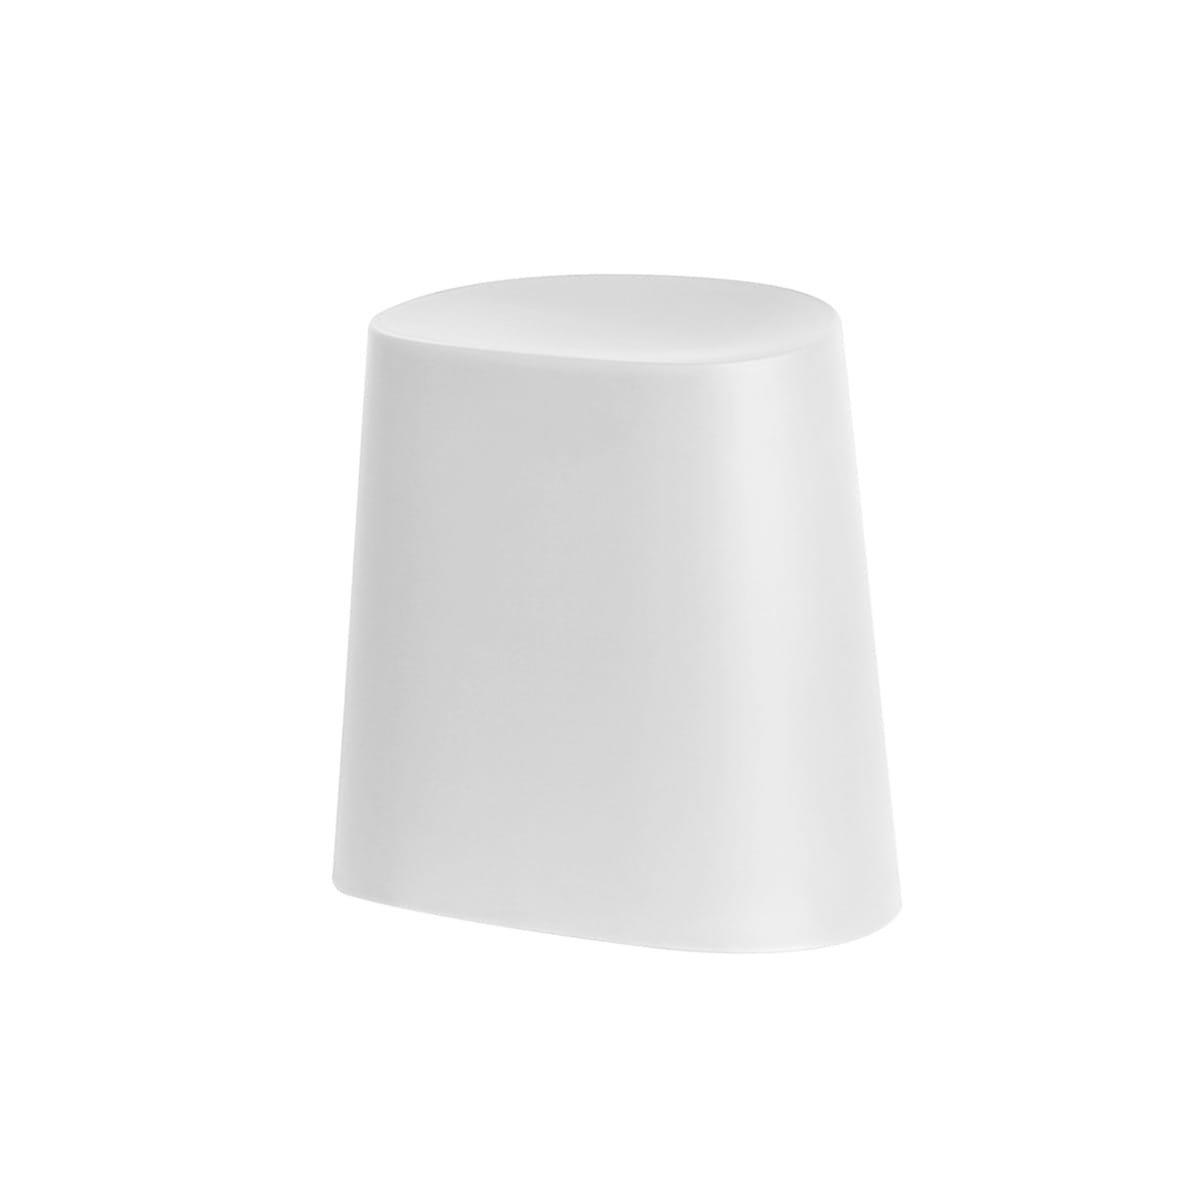 Sada 2 ks: Podnožka/sedák Relish Pp – bílá